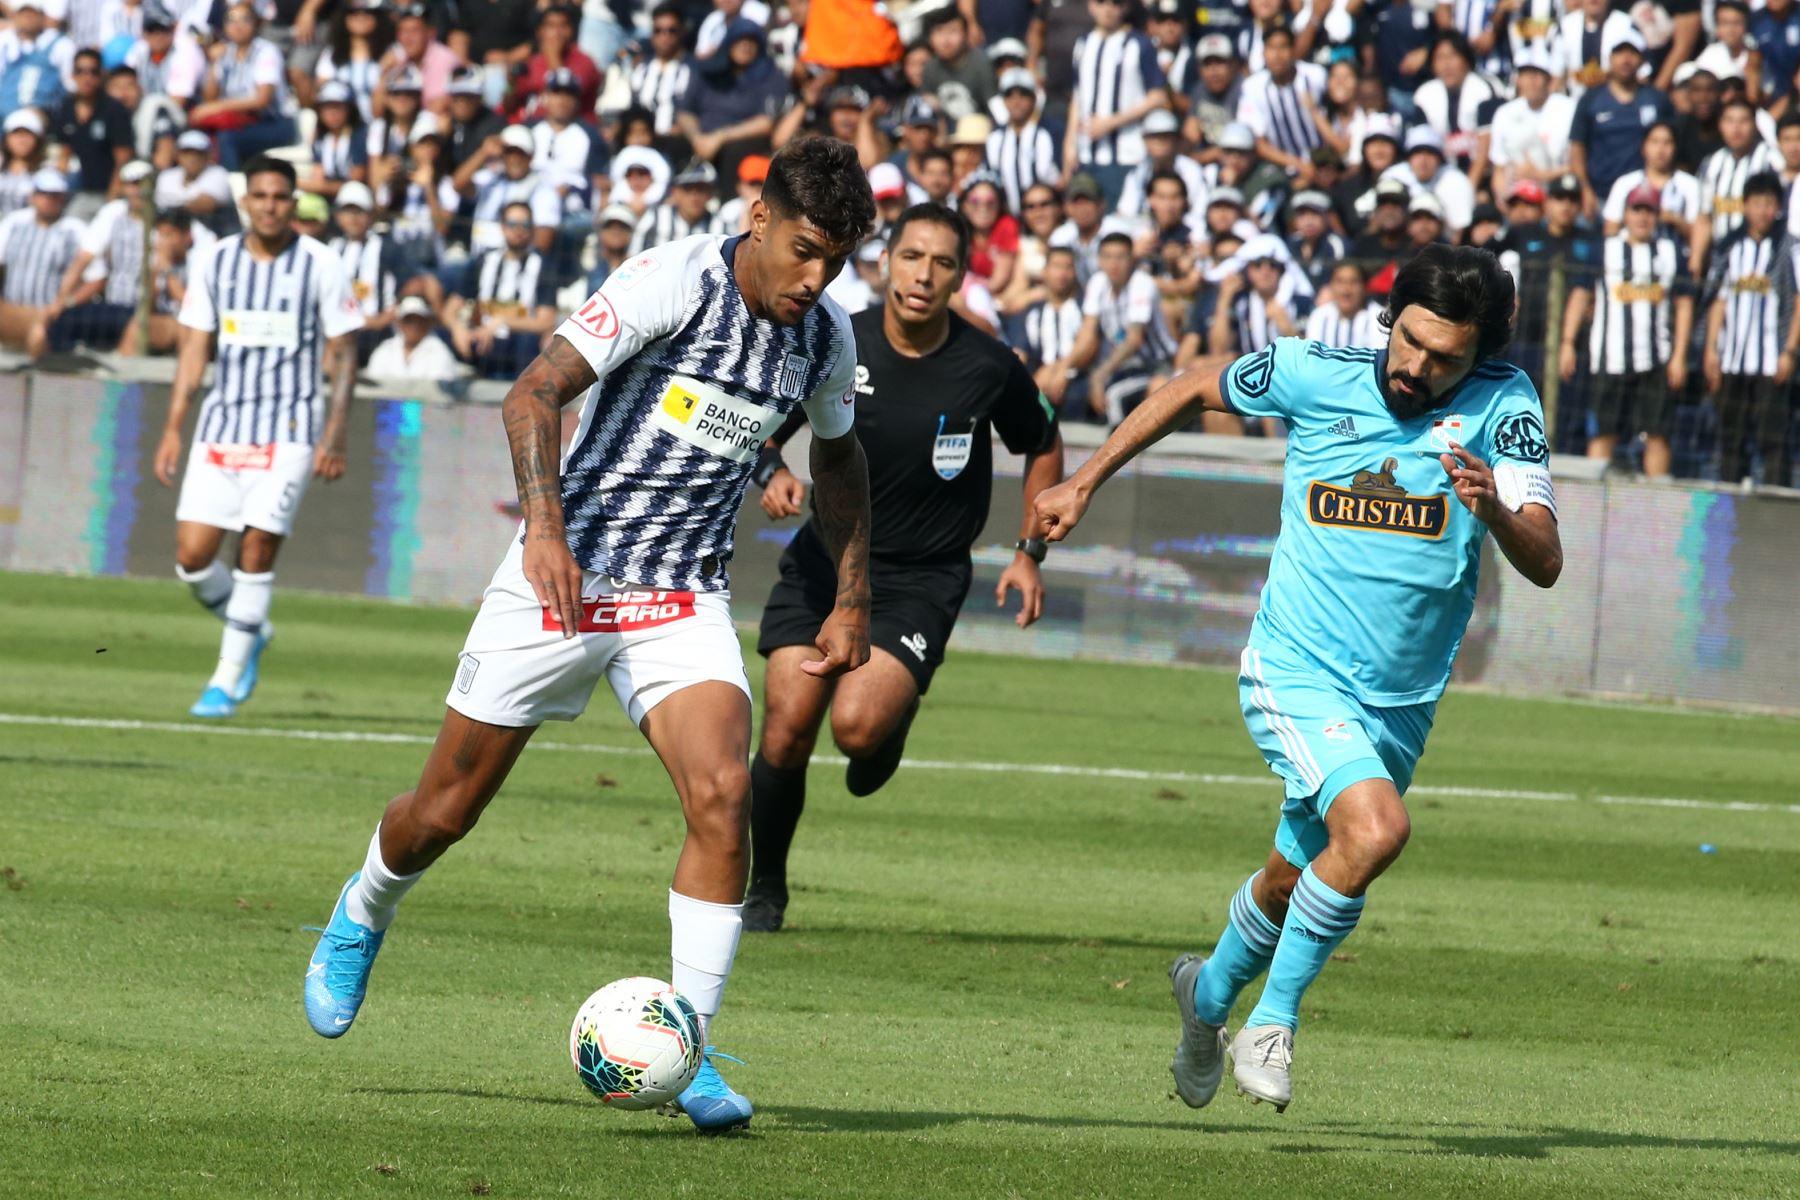 Adrian Balboa de  Alianza Lima disputa el balón ante Jorge Cazulo  de Cristal en el partido de ida por la semifinal del play off de la Liga 1. Foto: ANDINA/Vidal Tarqui